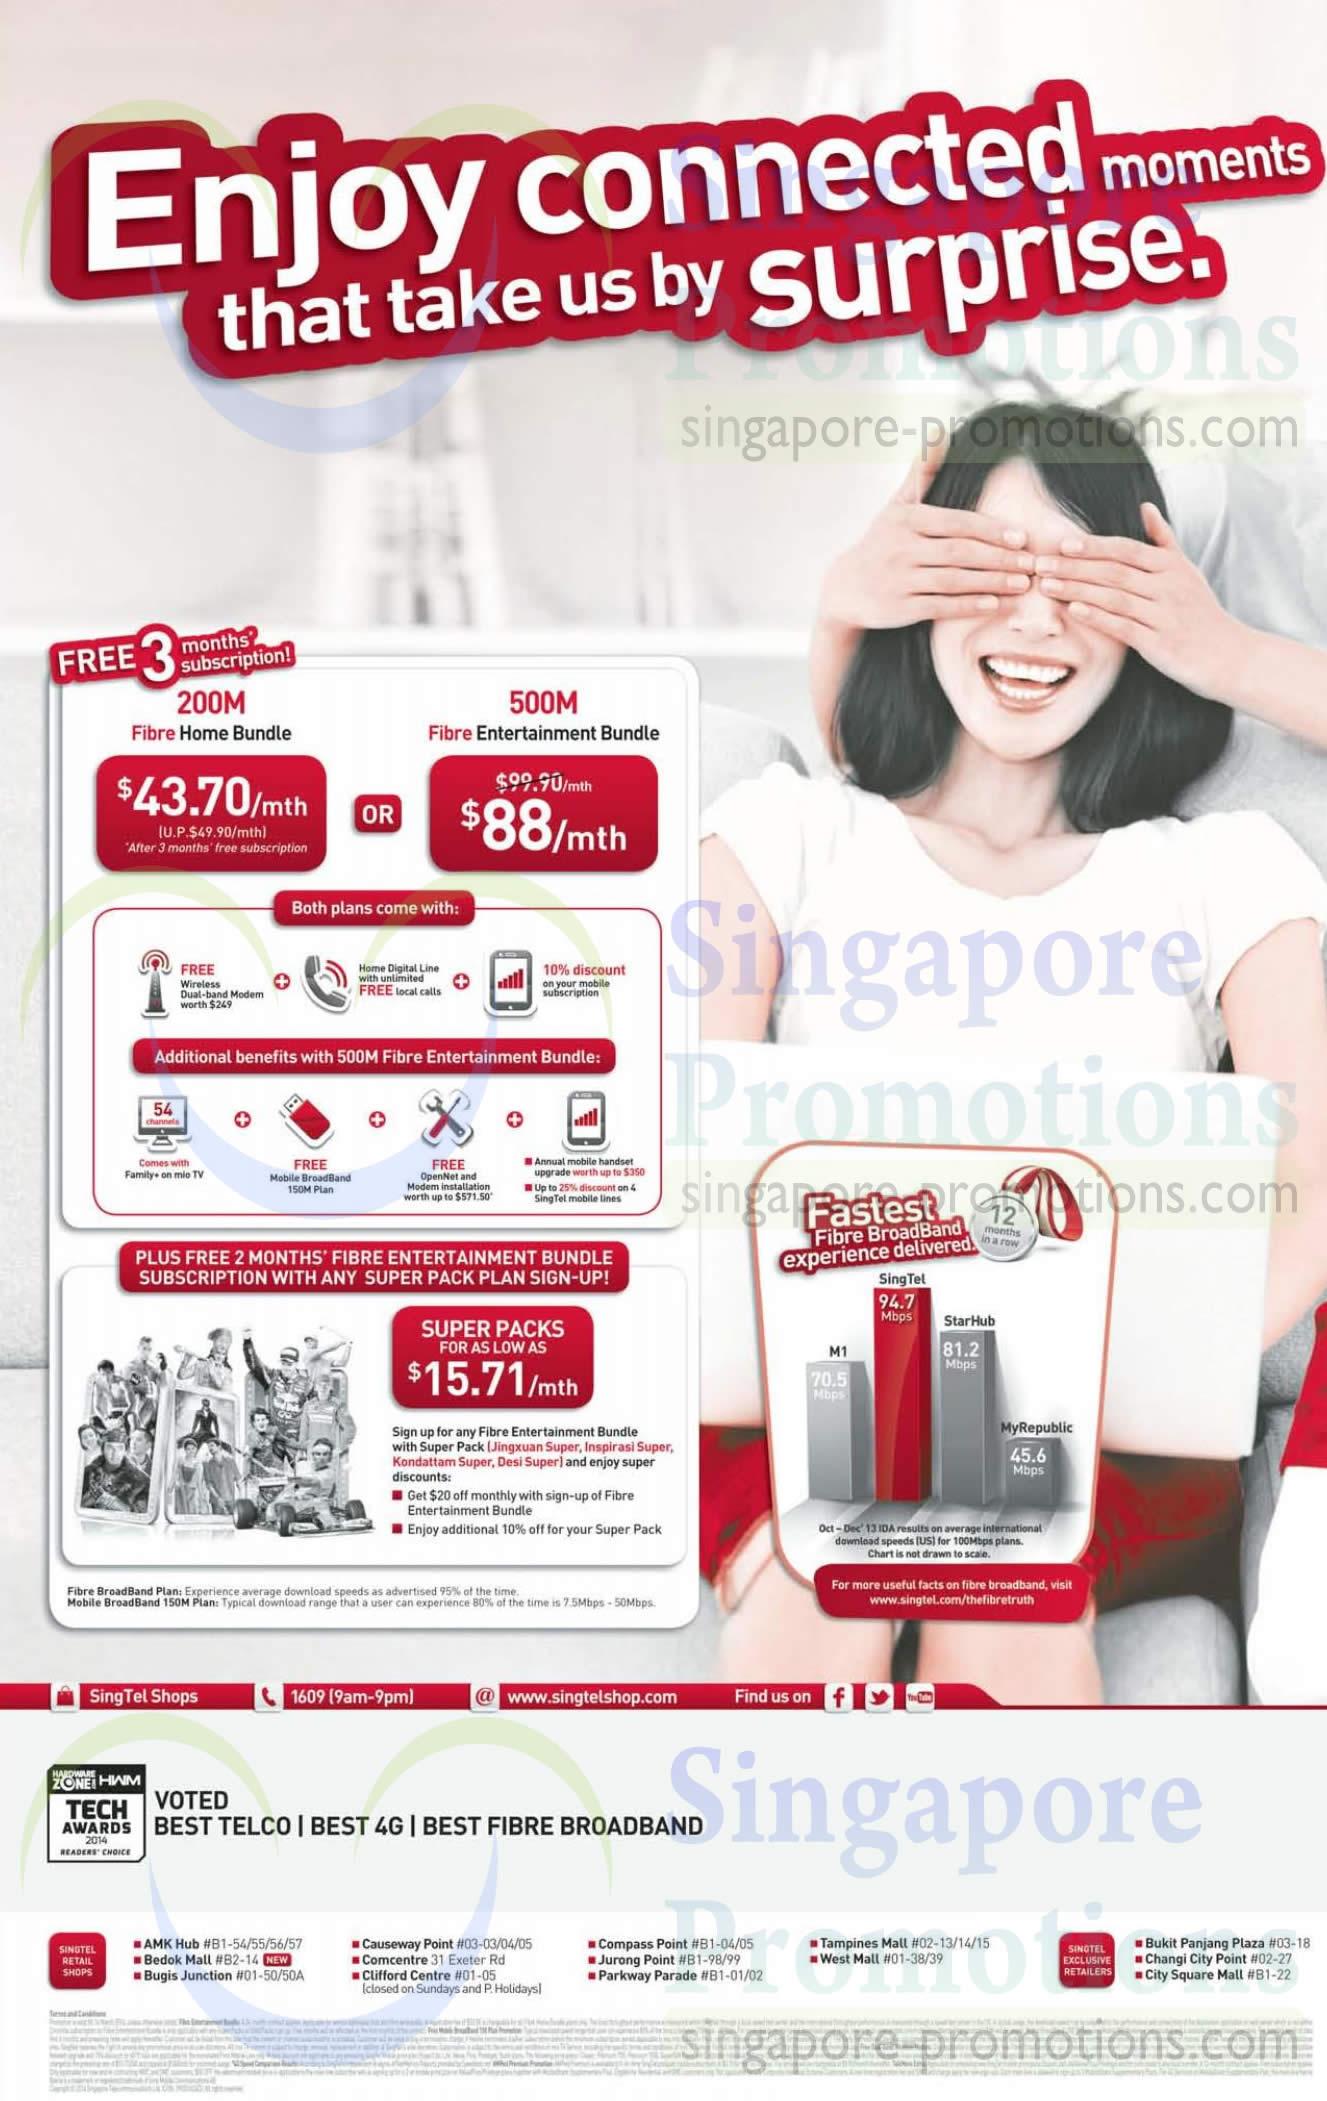 200Mbps 49.90 Fibre Home Bundle, 500M 88.00 Fibre Entertainment Bundle, Super Packs 15.71